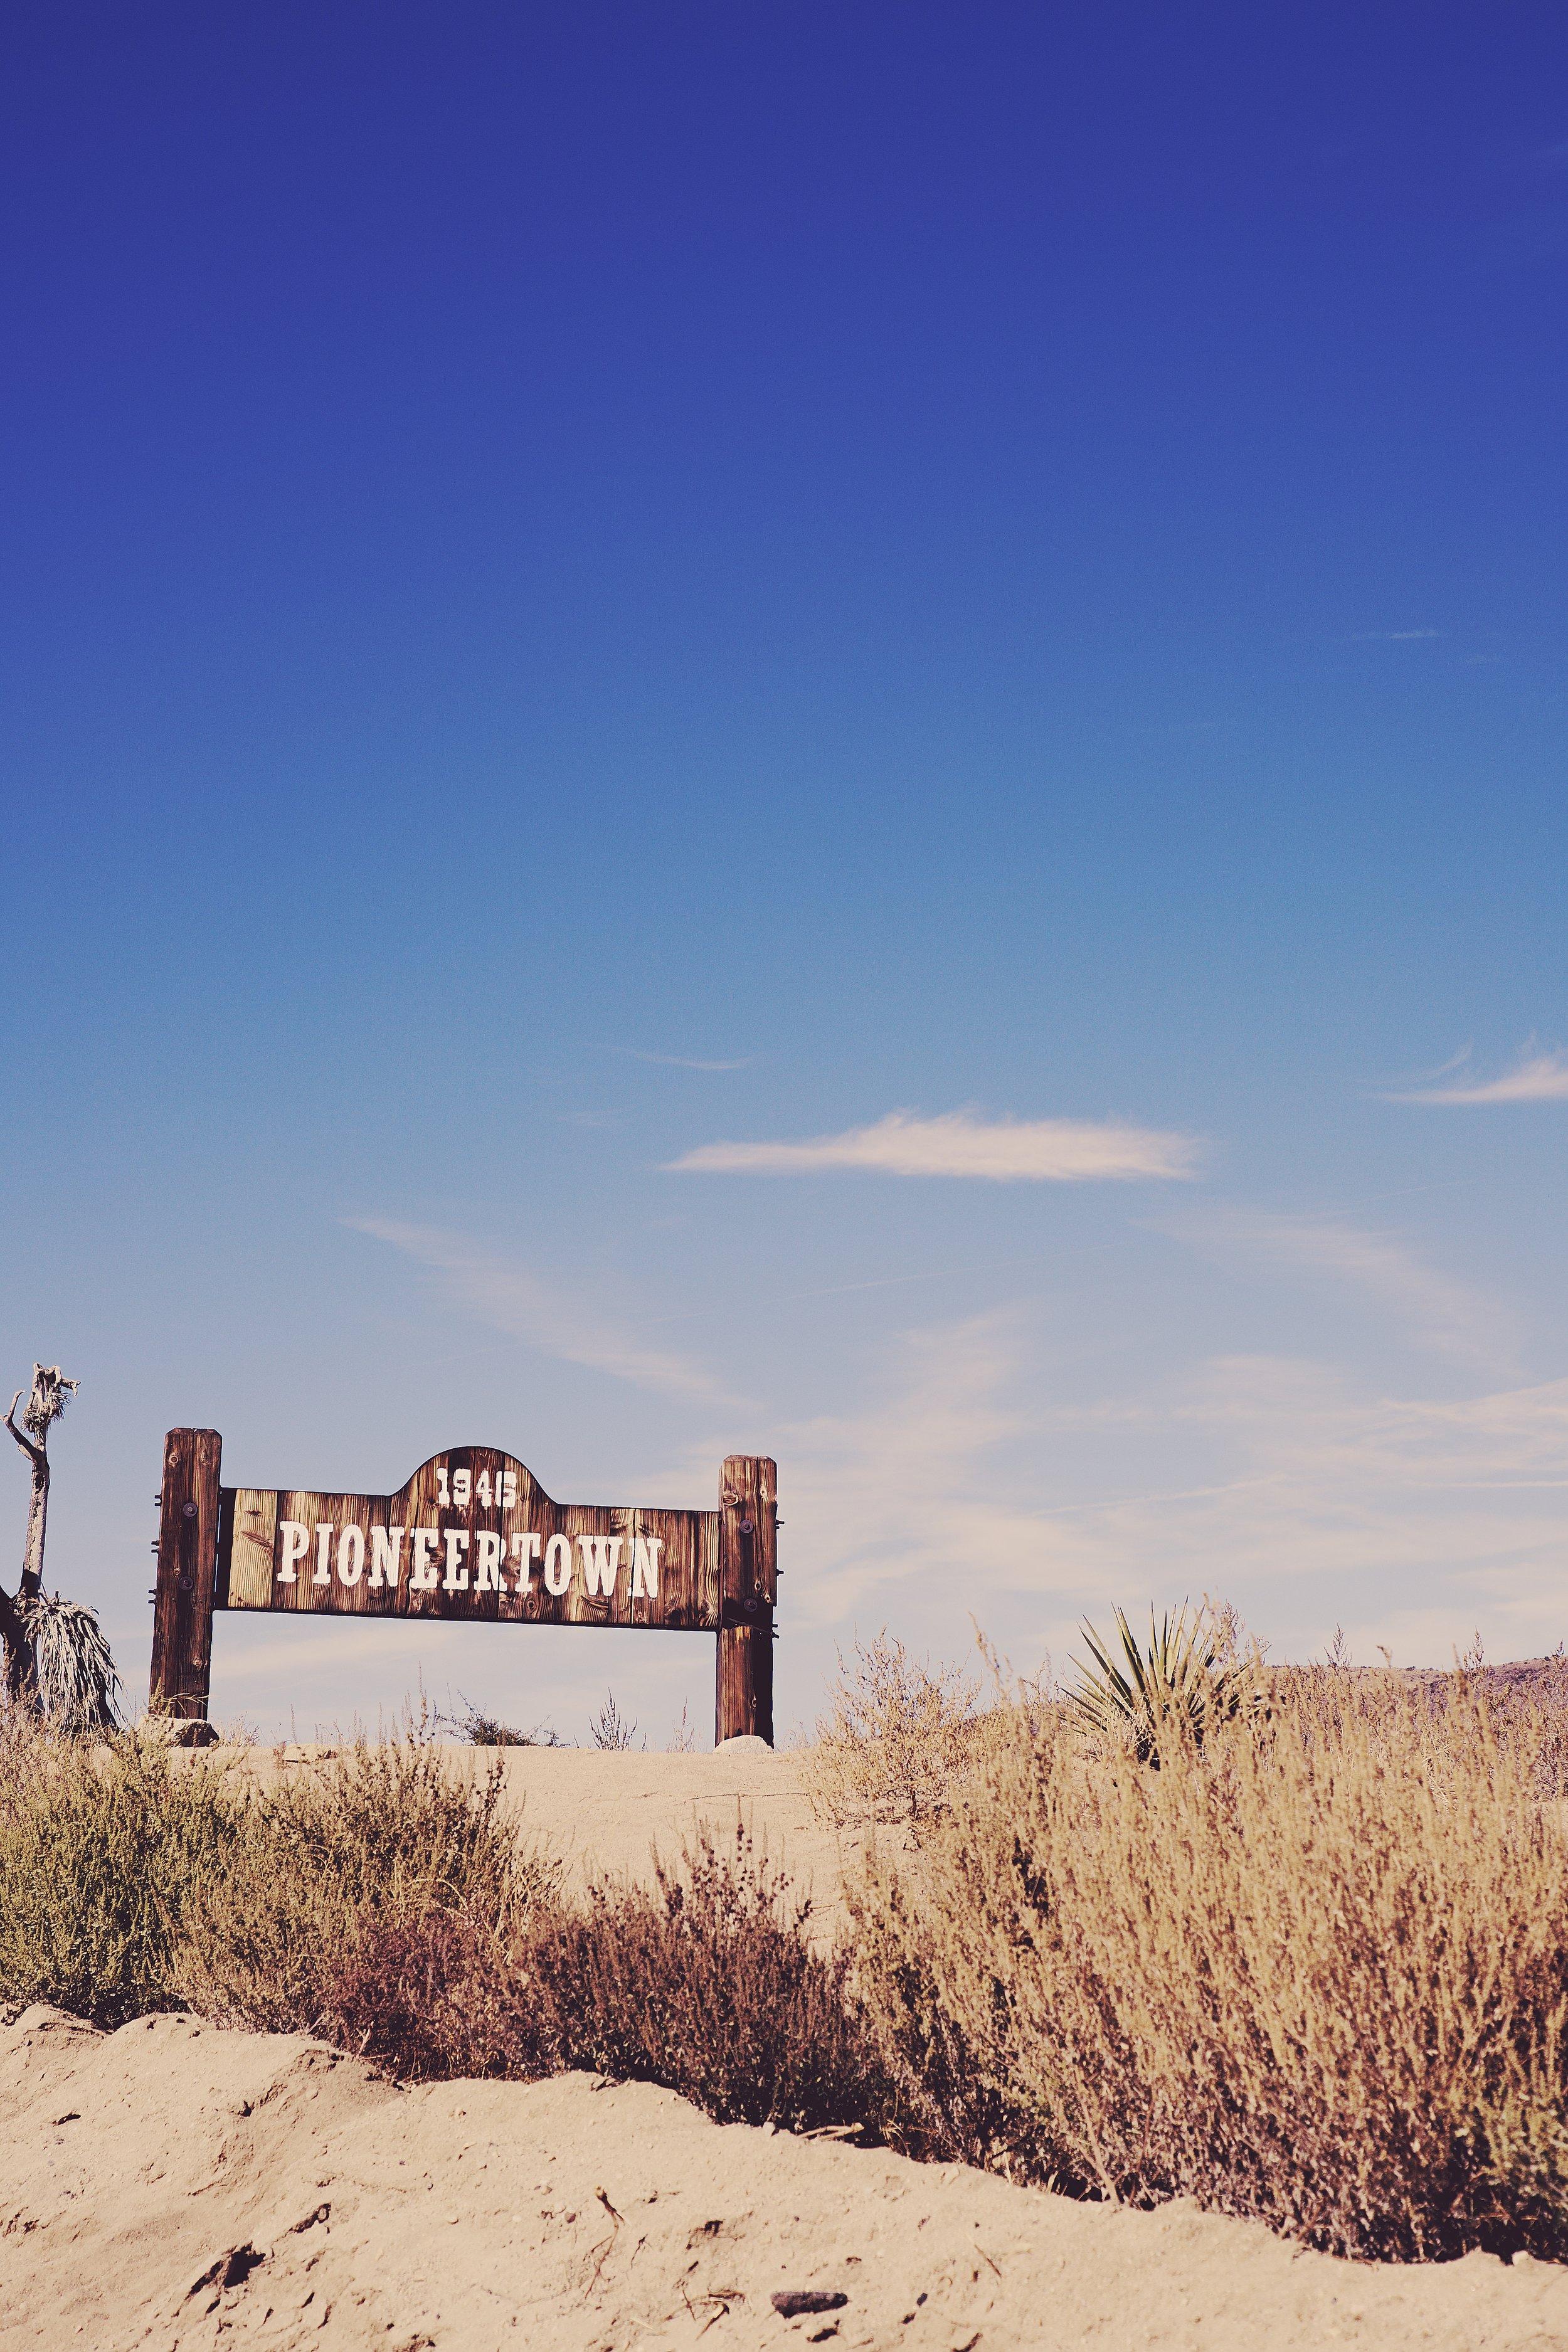 IMG_6928_x pioneertown.jpg